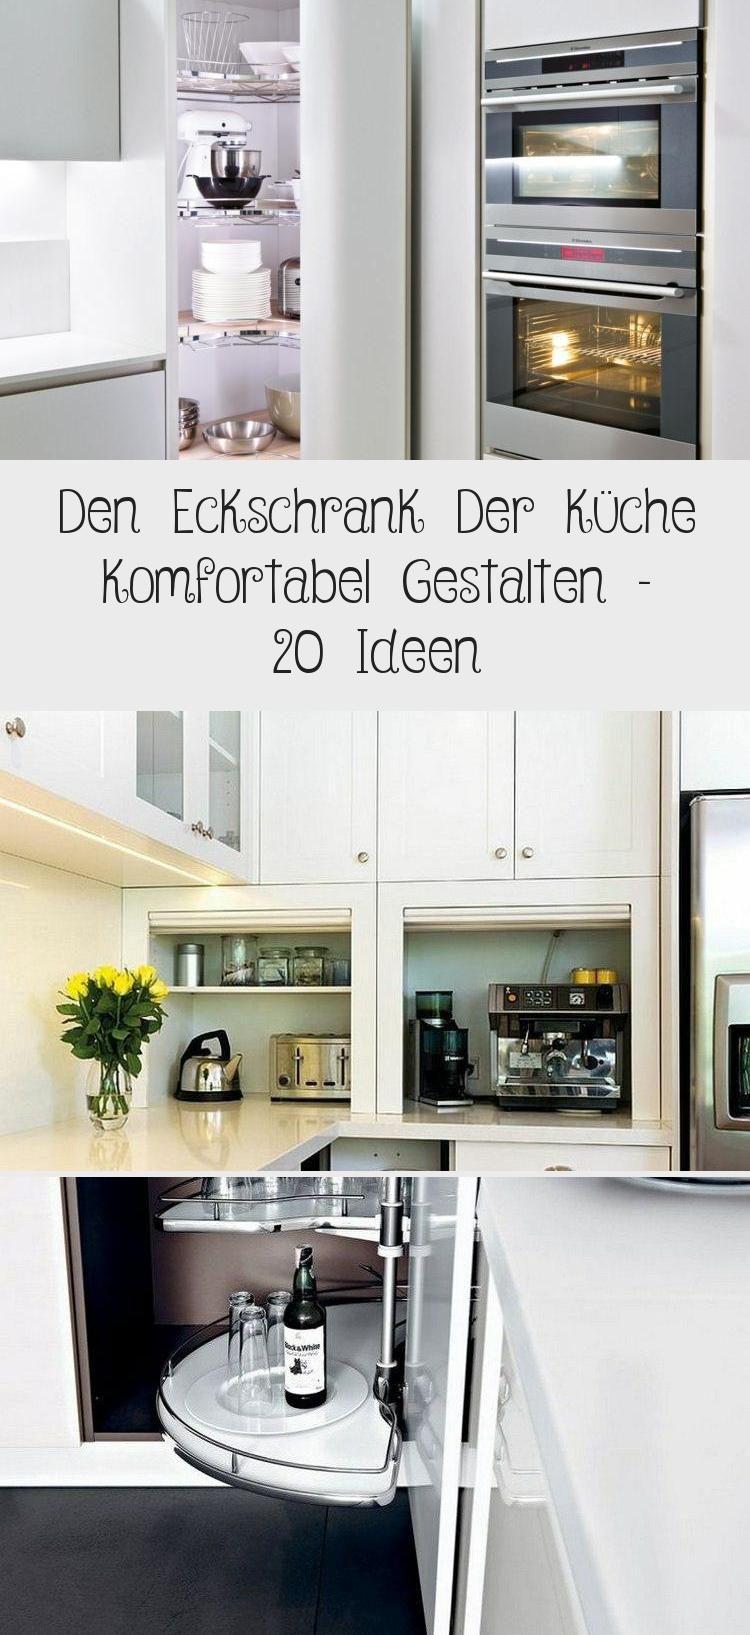 Full Size of Kche Sitzecke Ideen Essbereich Mit Sitzbank Eckschrank Schlafzimmer Küche Küchen Regal Bad Wohnzimmer Küchen Eckschrank Rondell